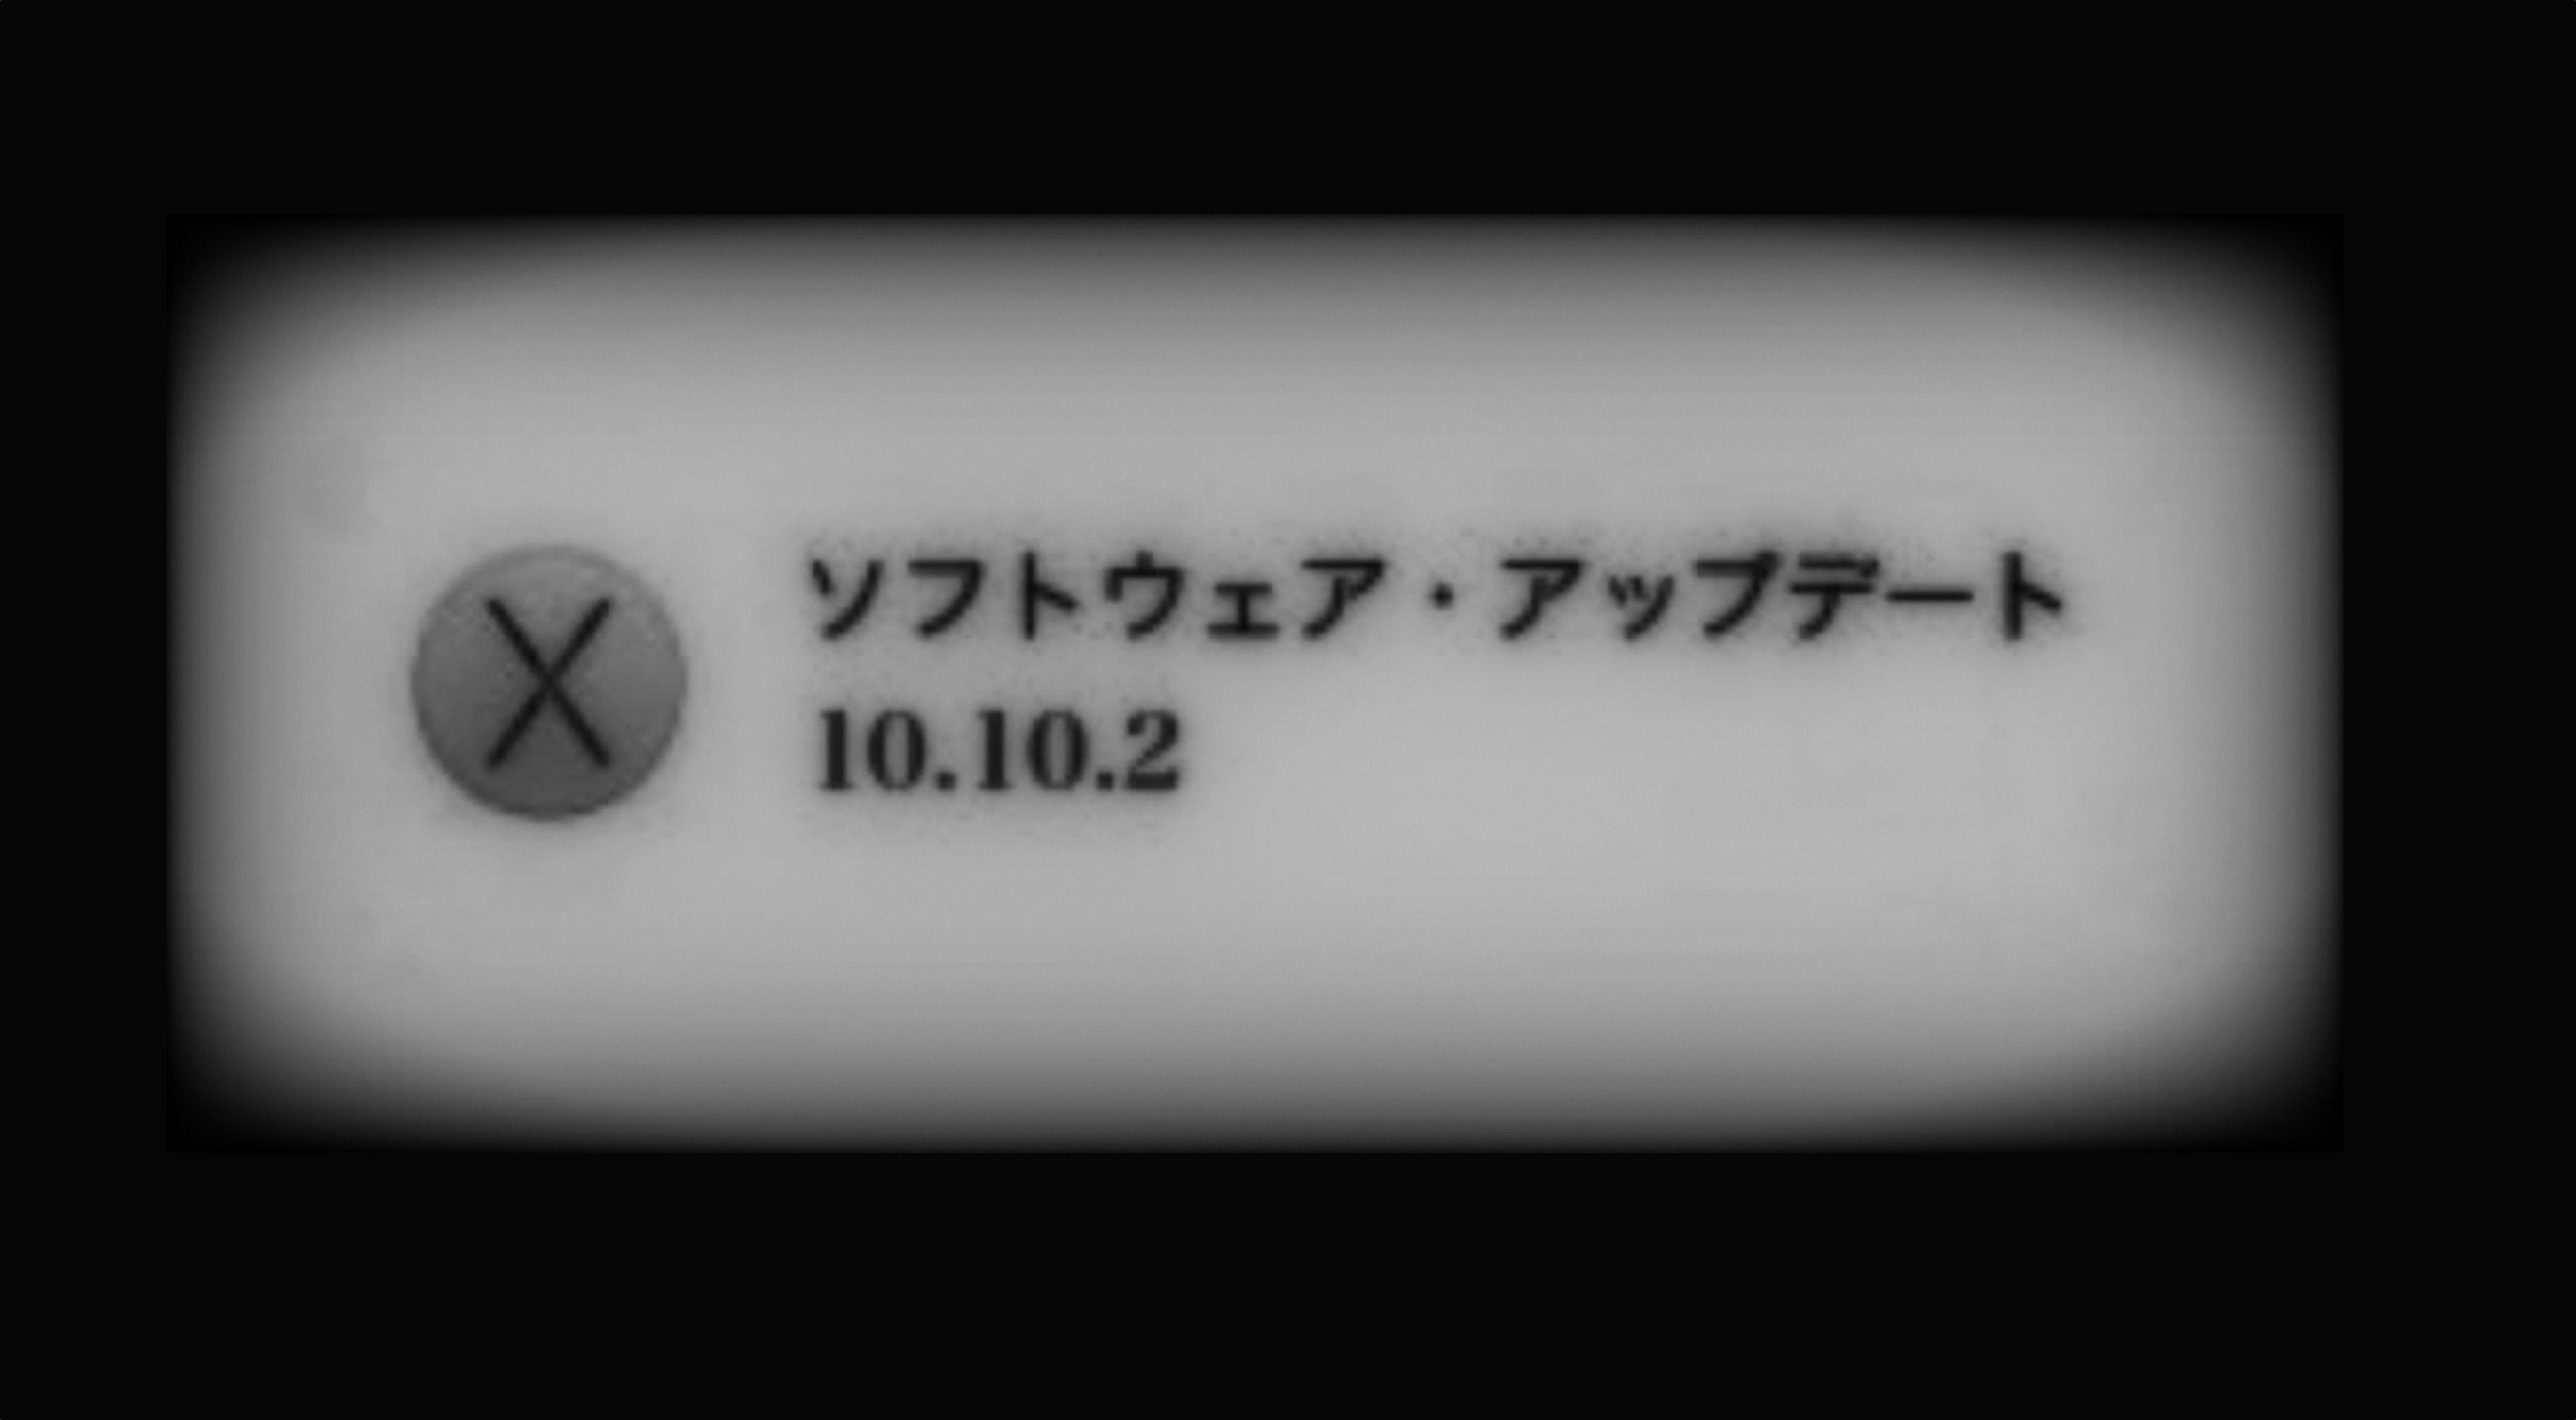 【OS X Yosemite アップデート】OS X 10.10.2